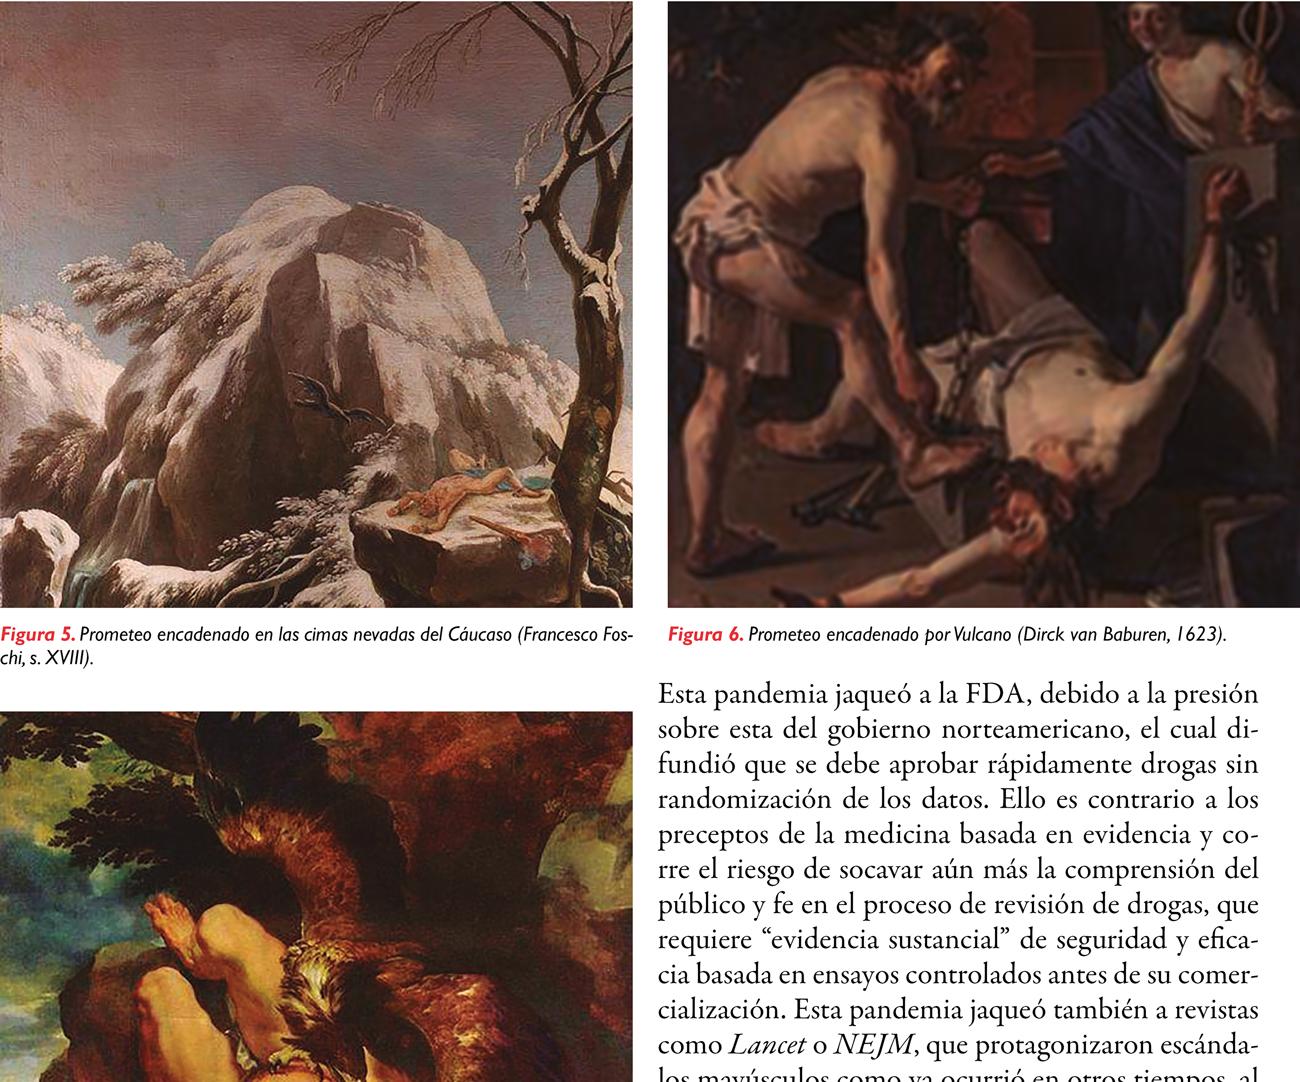 Epimeteo y Prometeo en los tiempos  del COVID-19